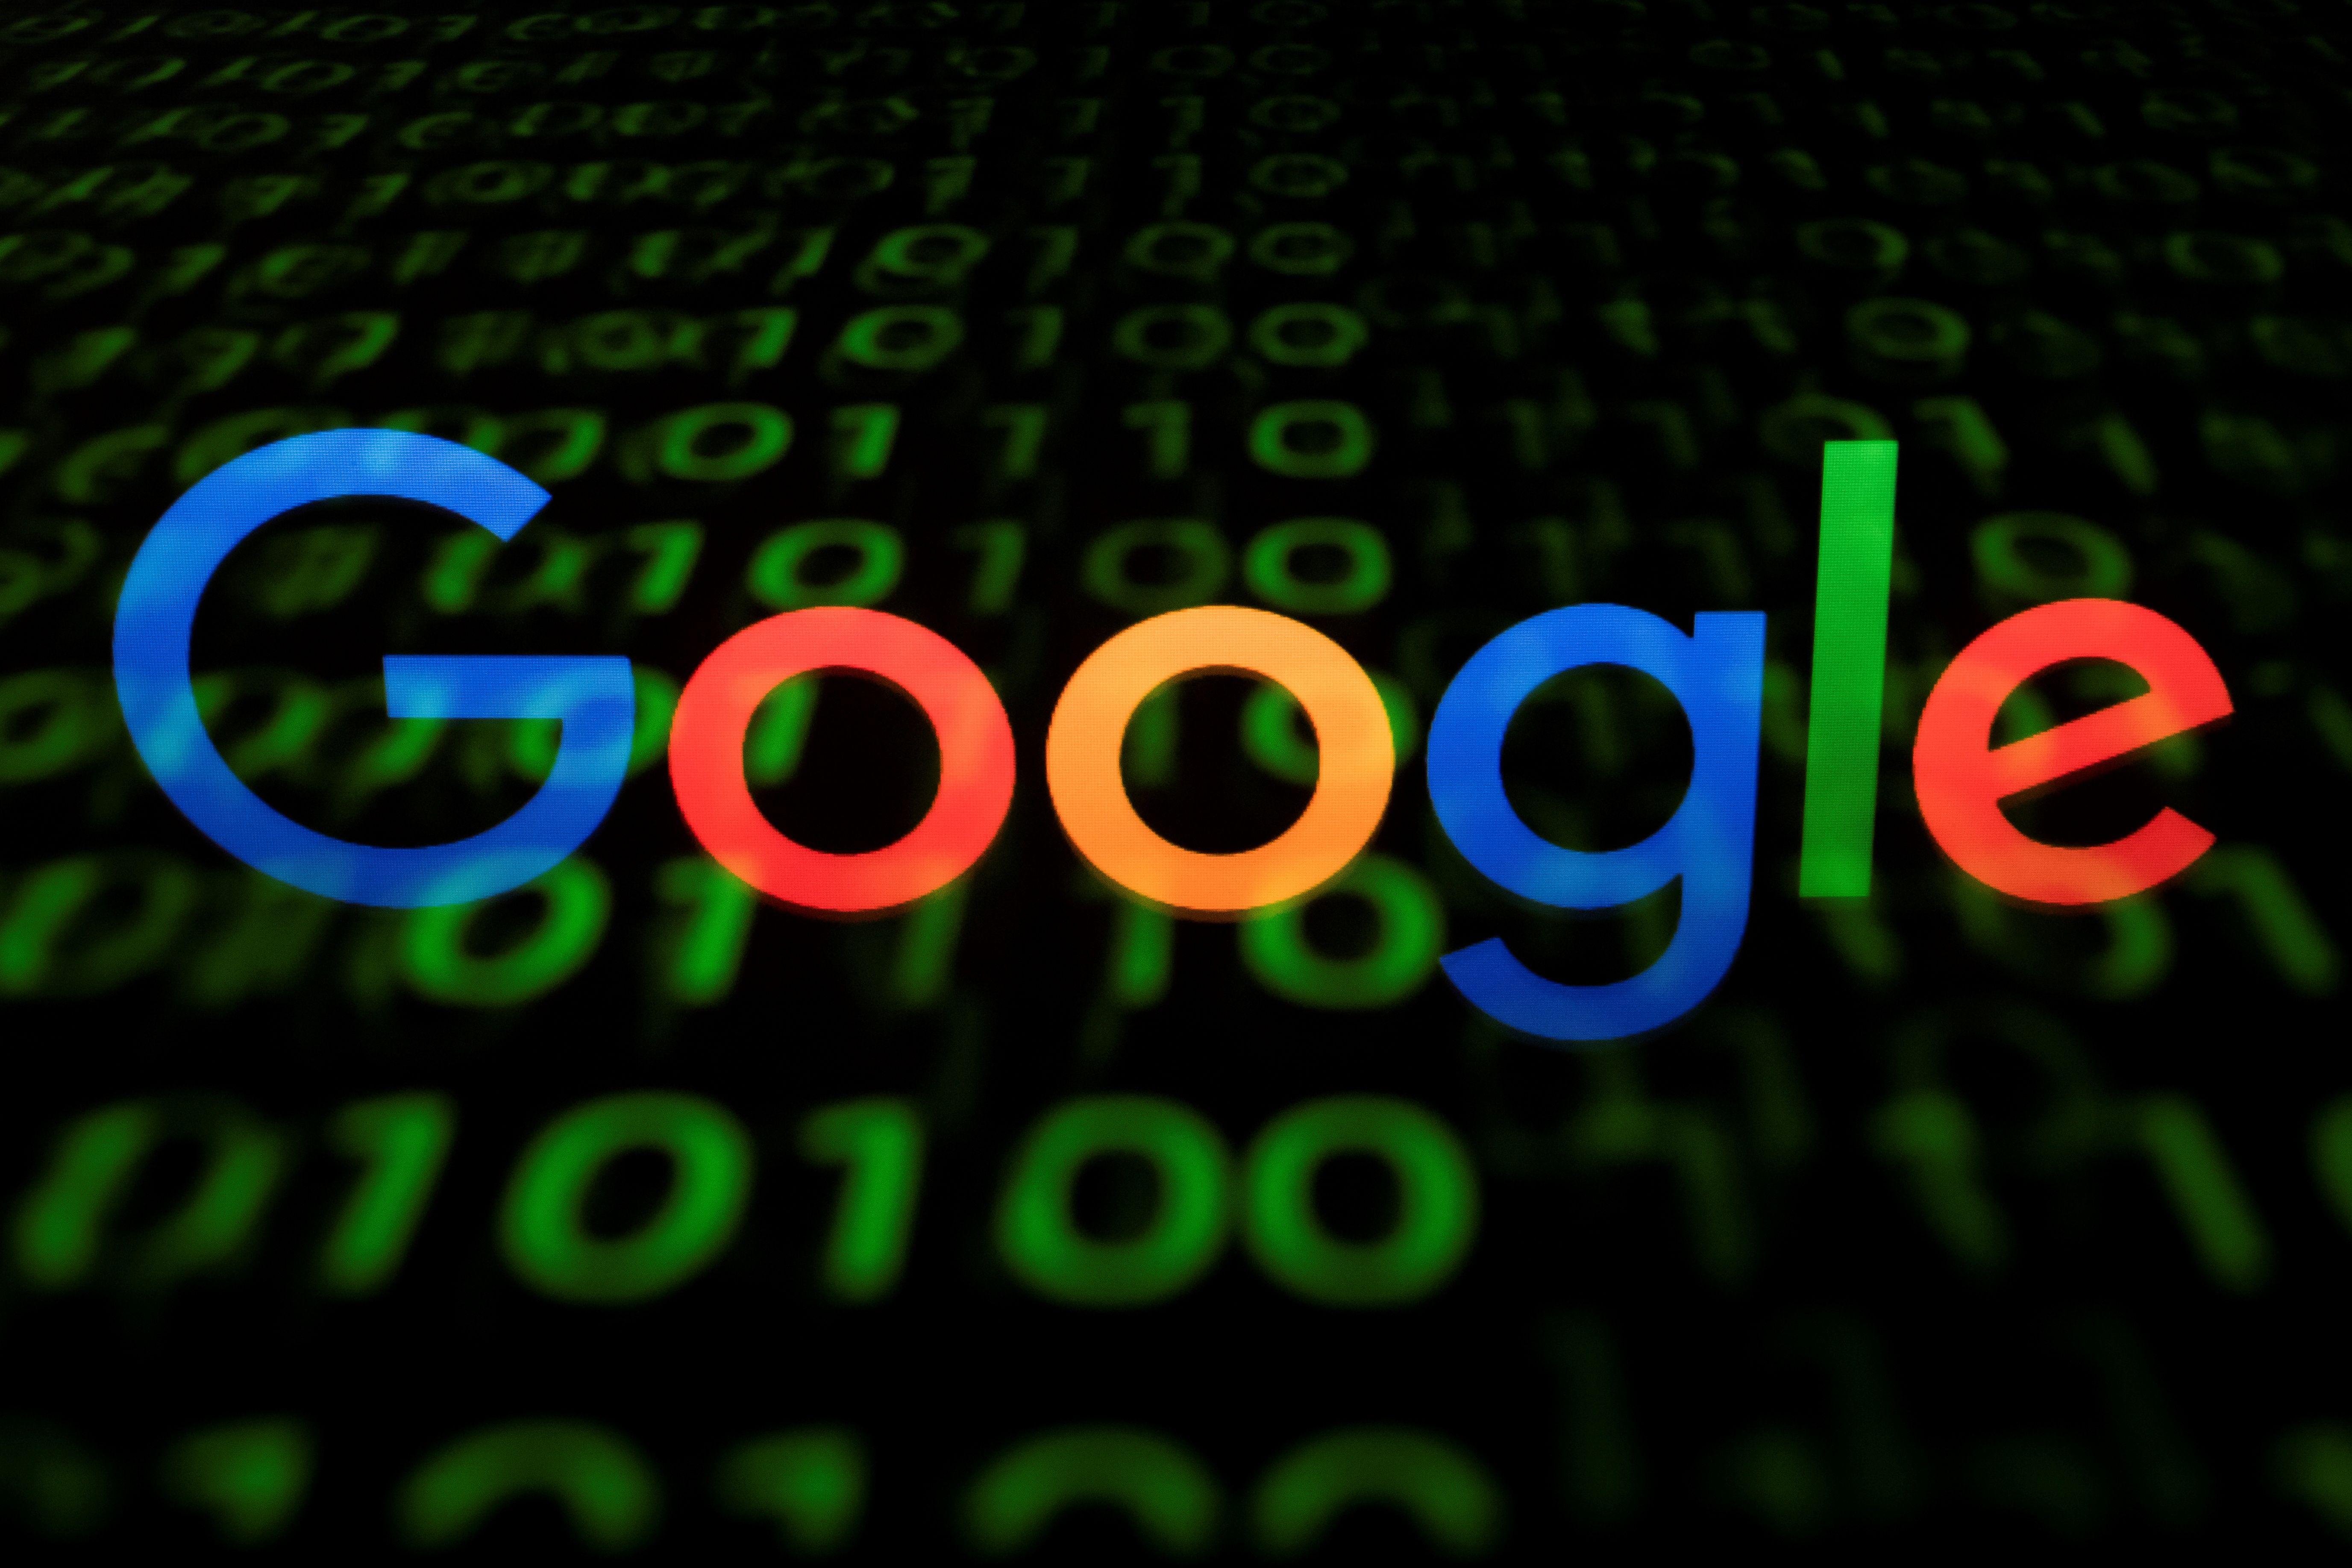 【拍案驚奇】矽谷富豪拋震撼彈 谷歌涉叛國?